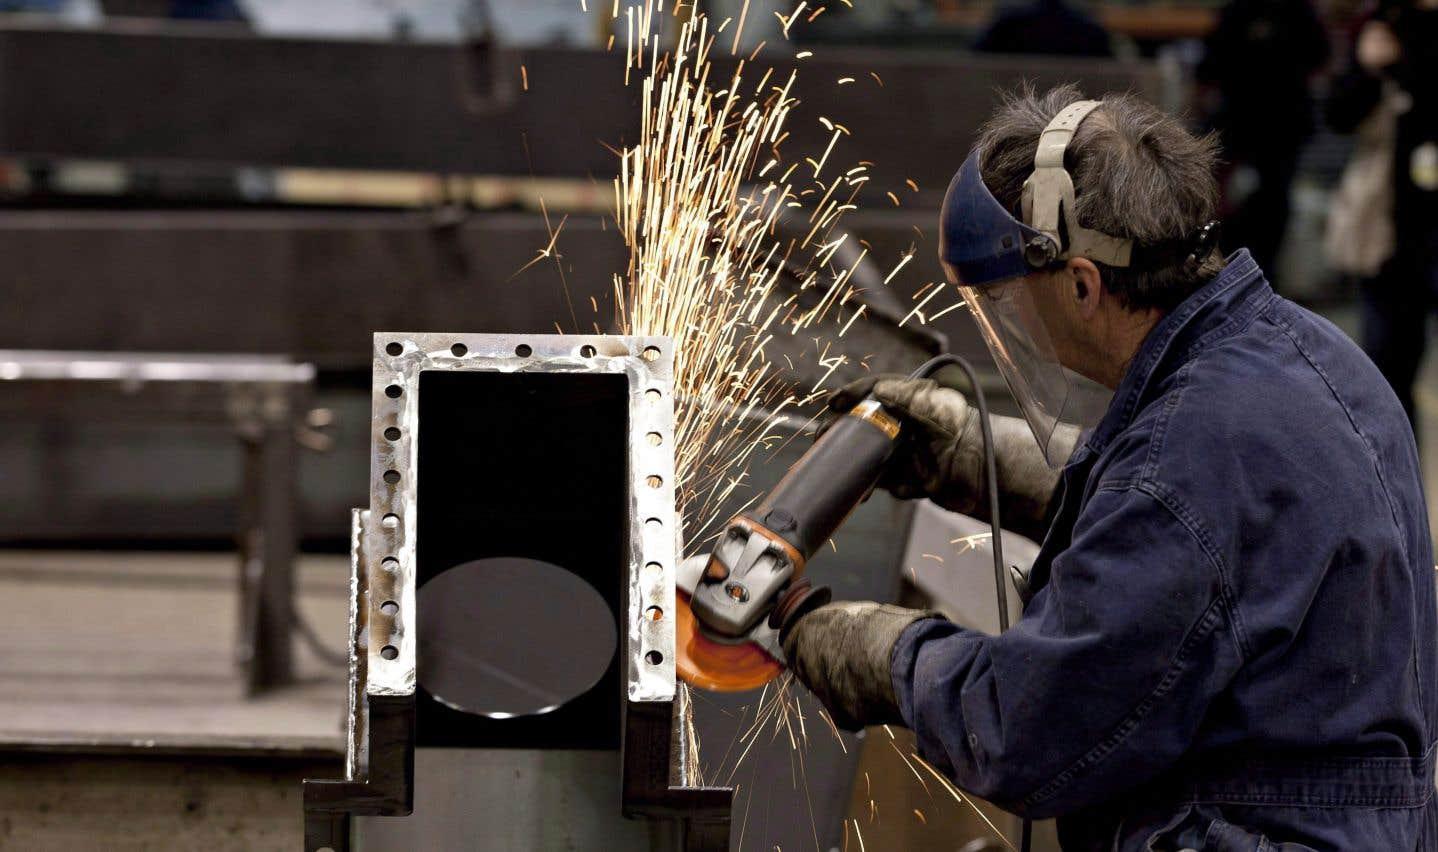 La création d'emplois au Québec a progressé pour un troisième mois consécutif avec l'ajout de 27 000 postes en décembre.